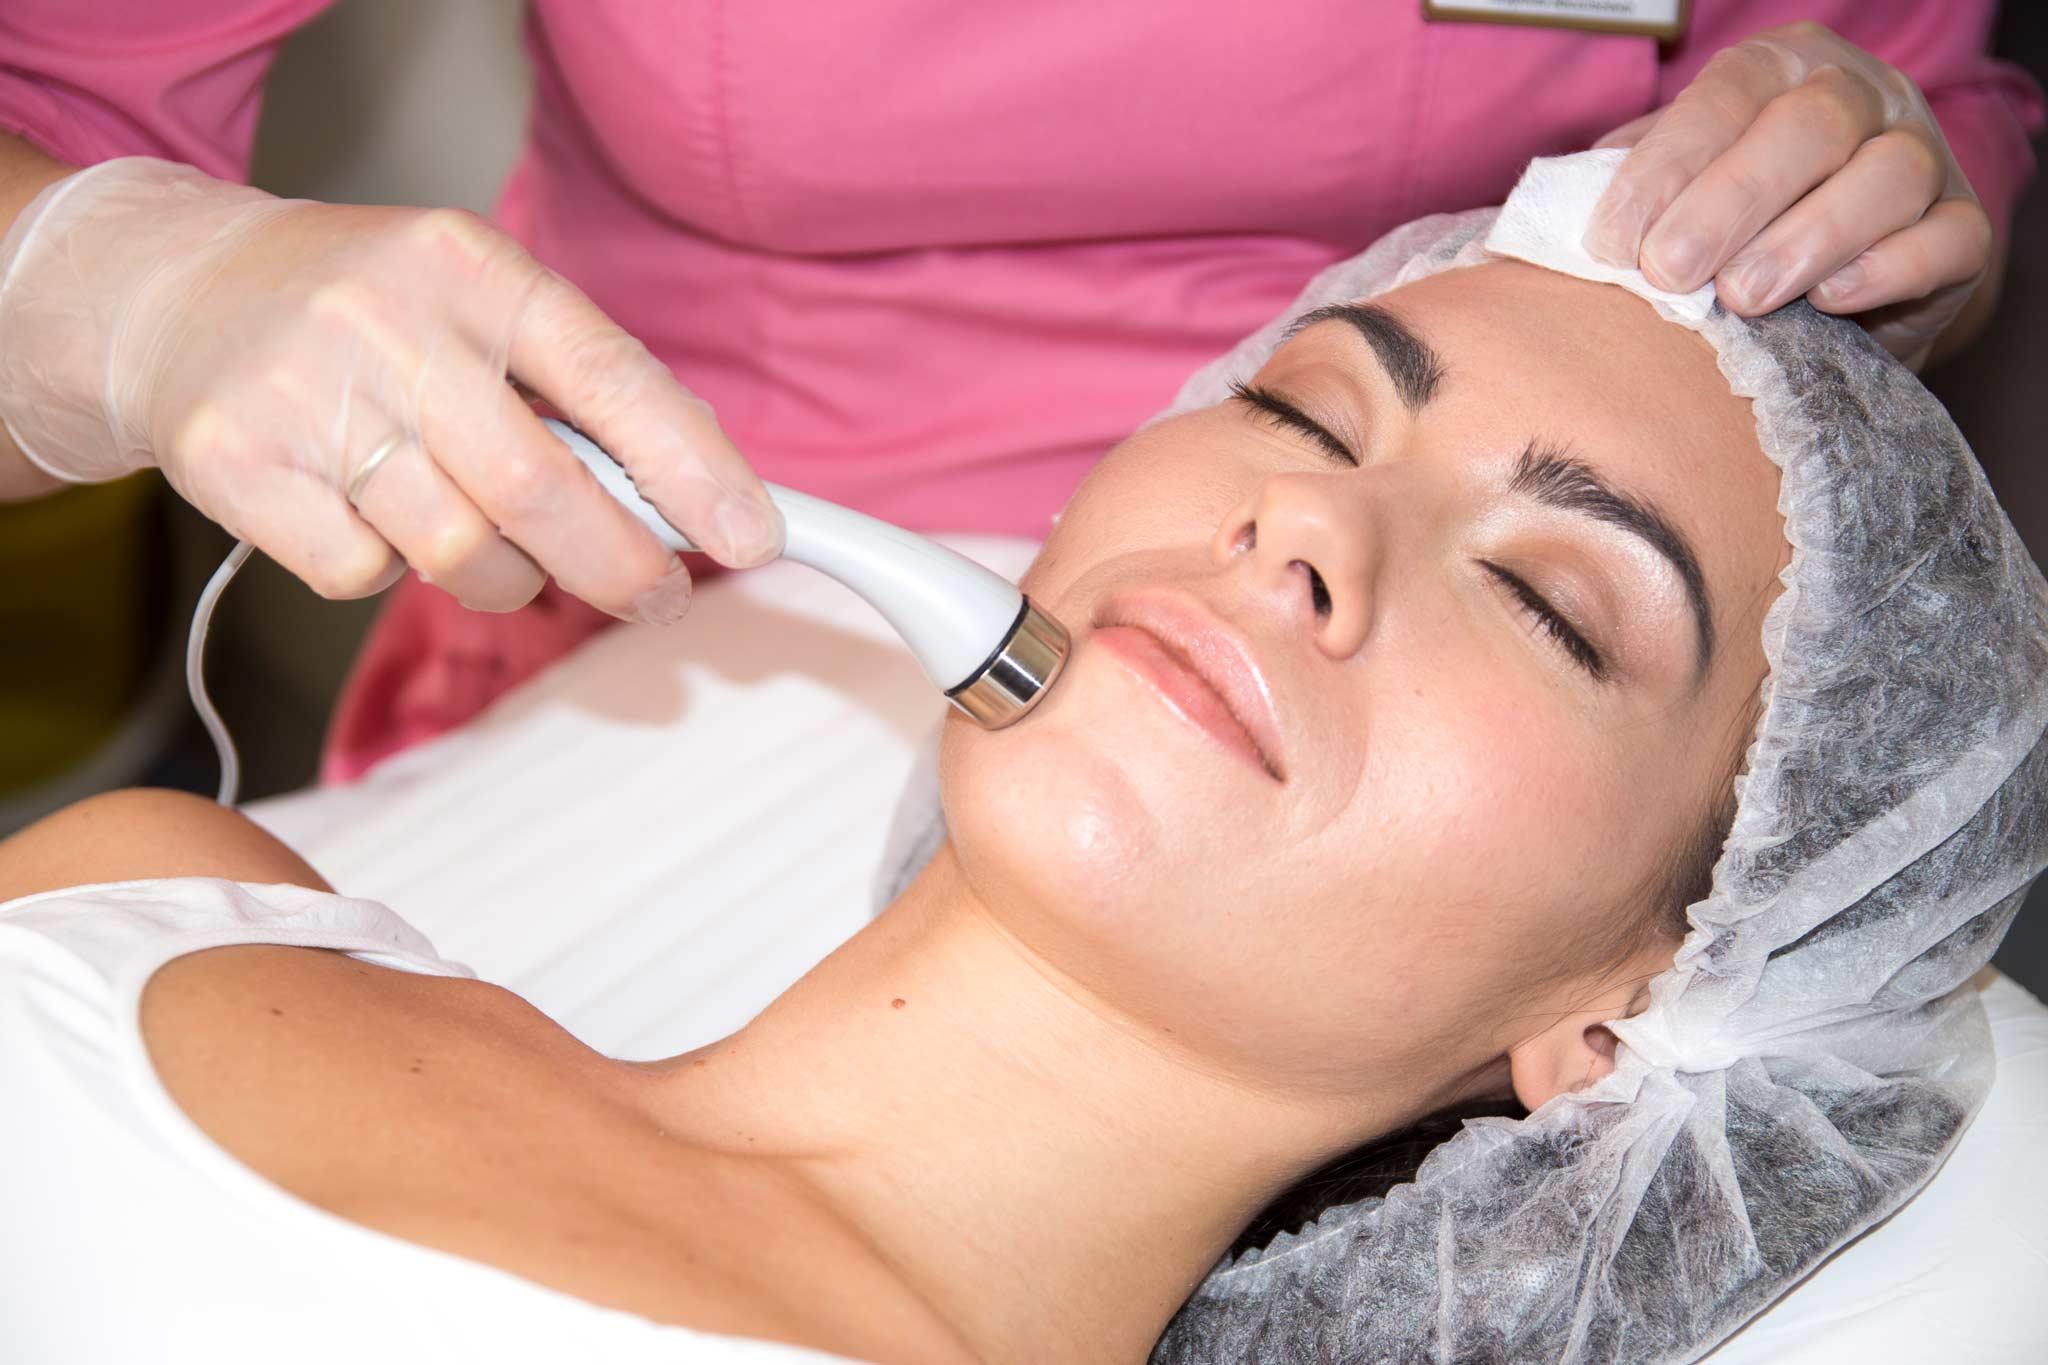 правило, мезотерапия для лица фото момента основания целью